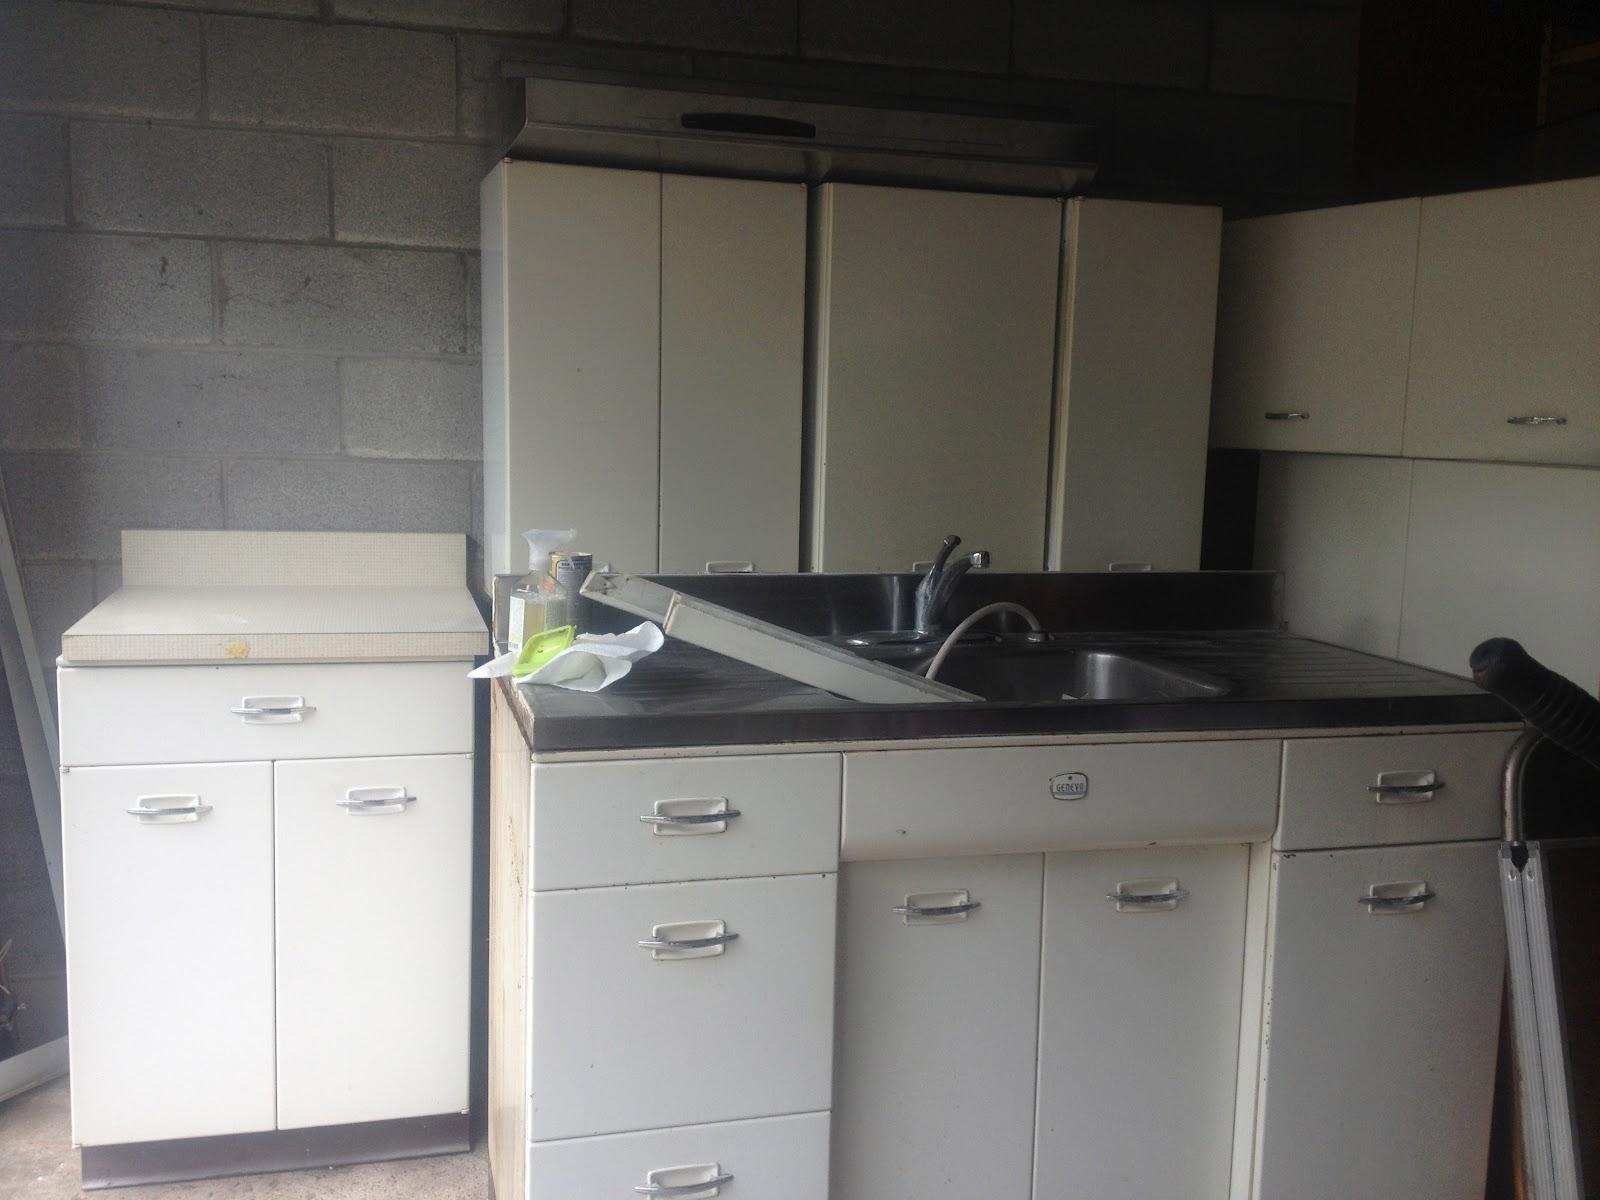 vintage metal kitchen cabinets. Black Bedroom Furniture Sets. Home Design Ideas